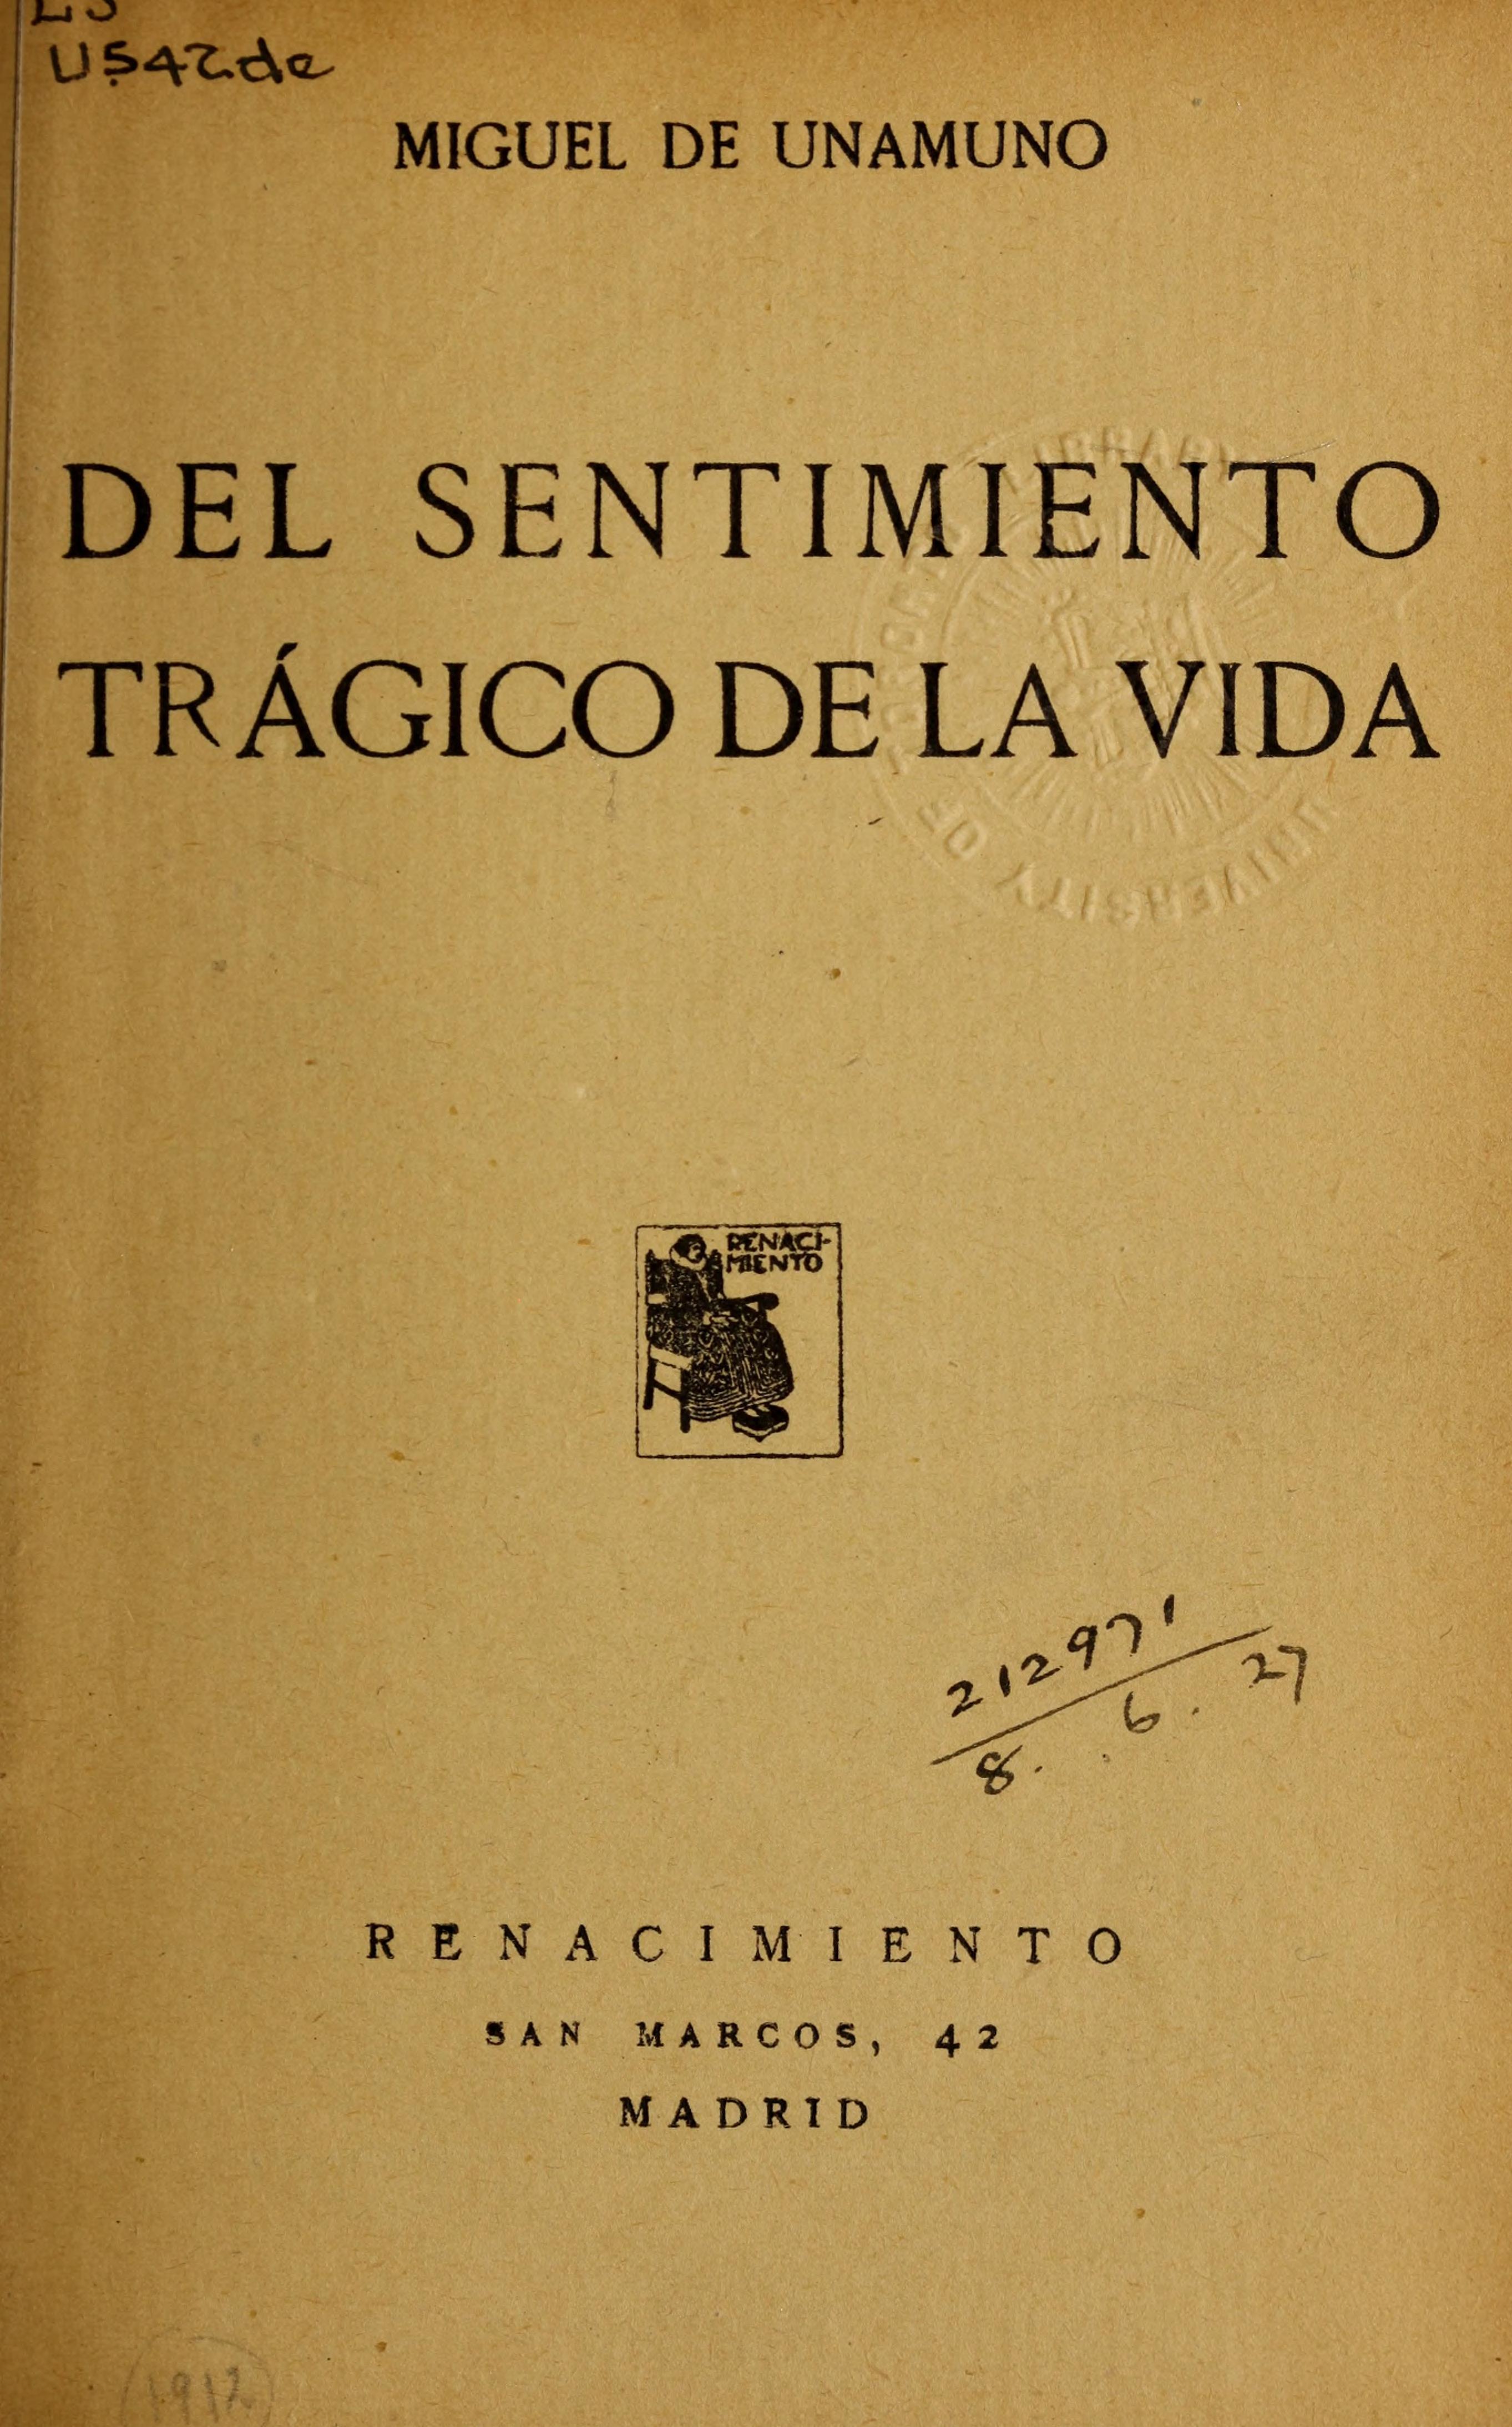 Del sentimiento trágico de la vida (1912)